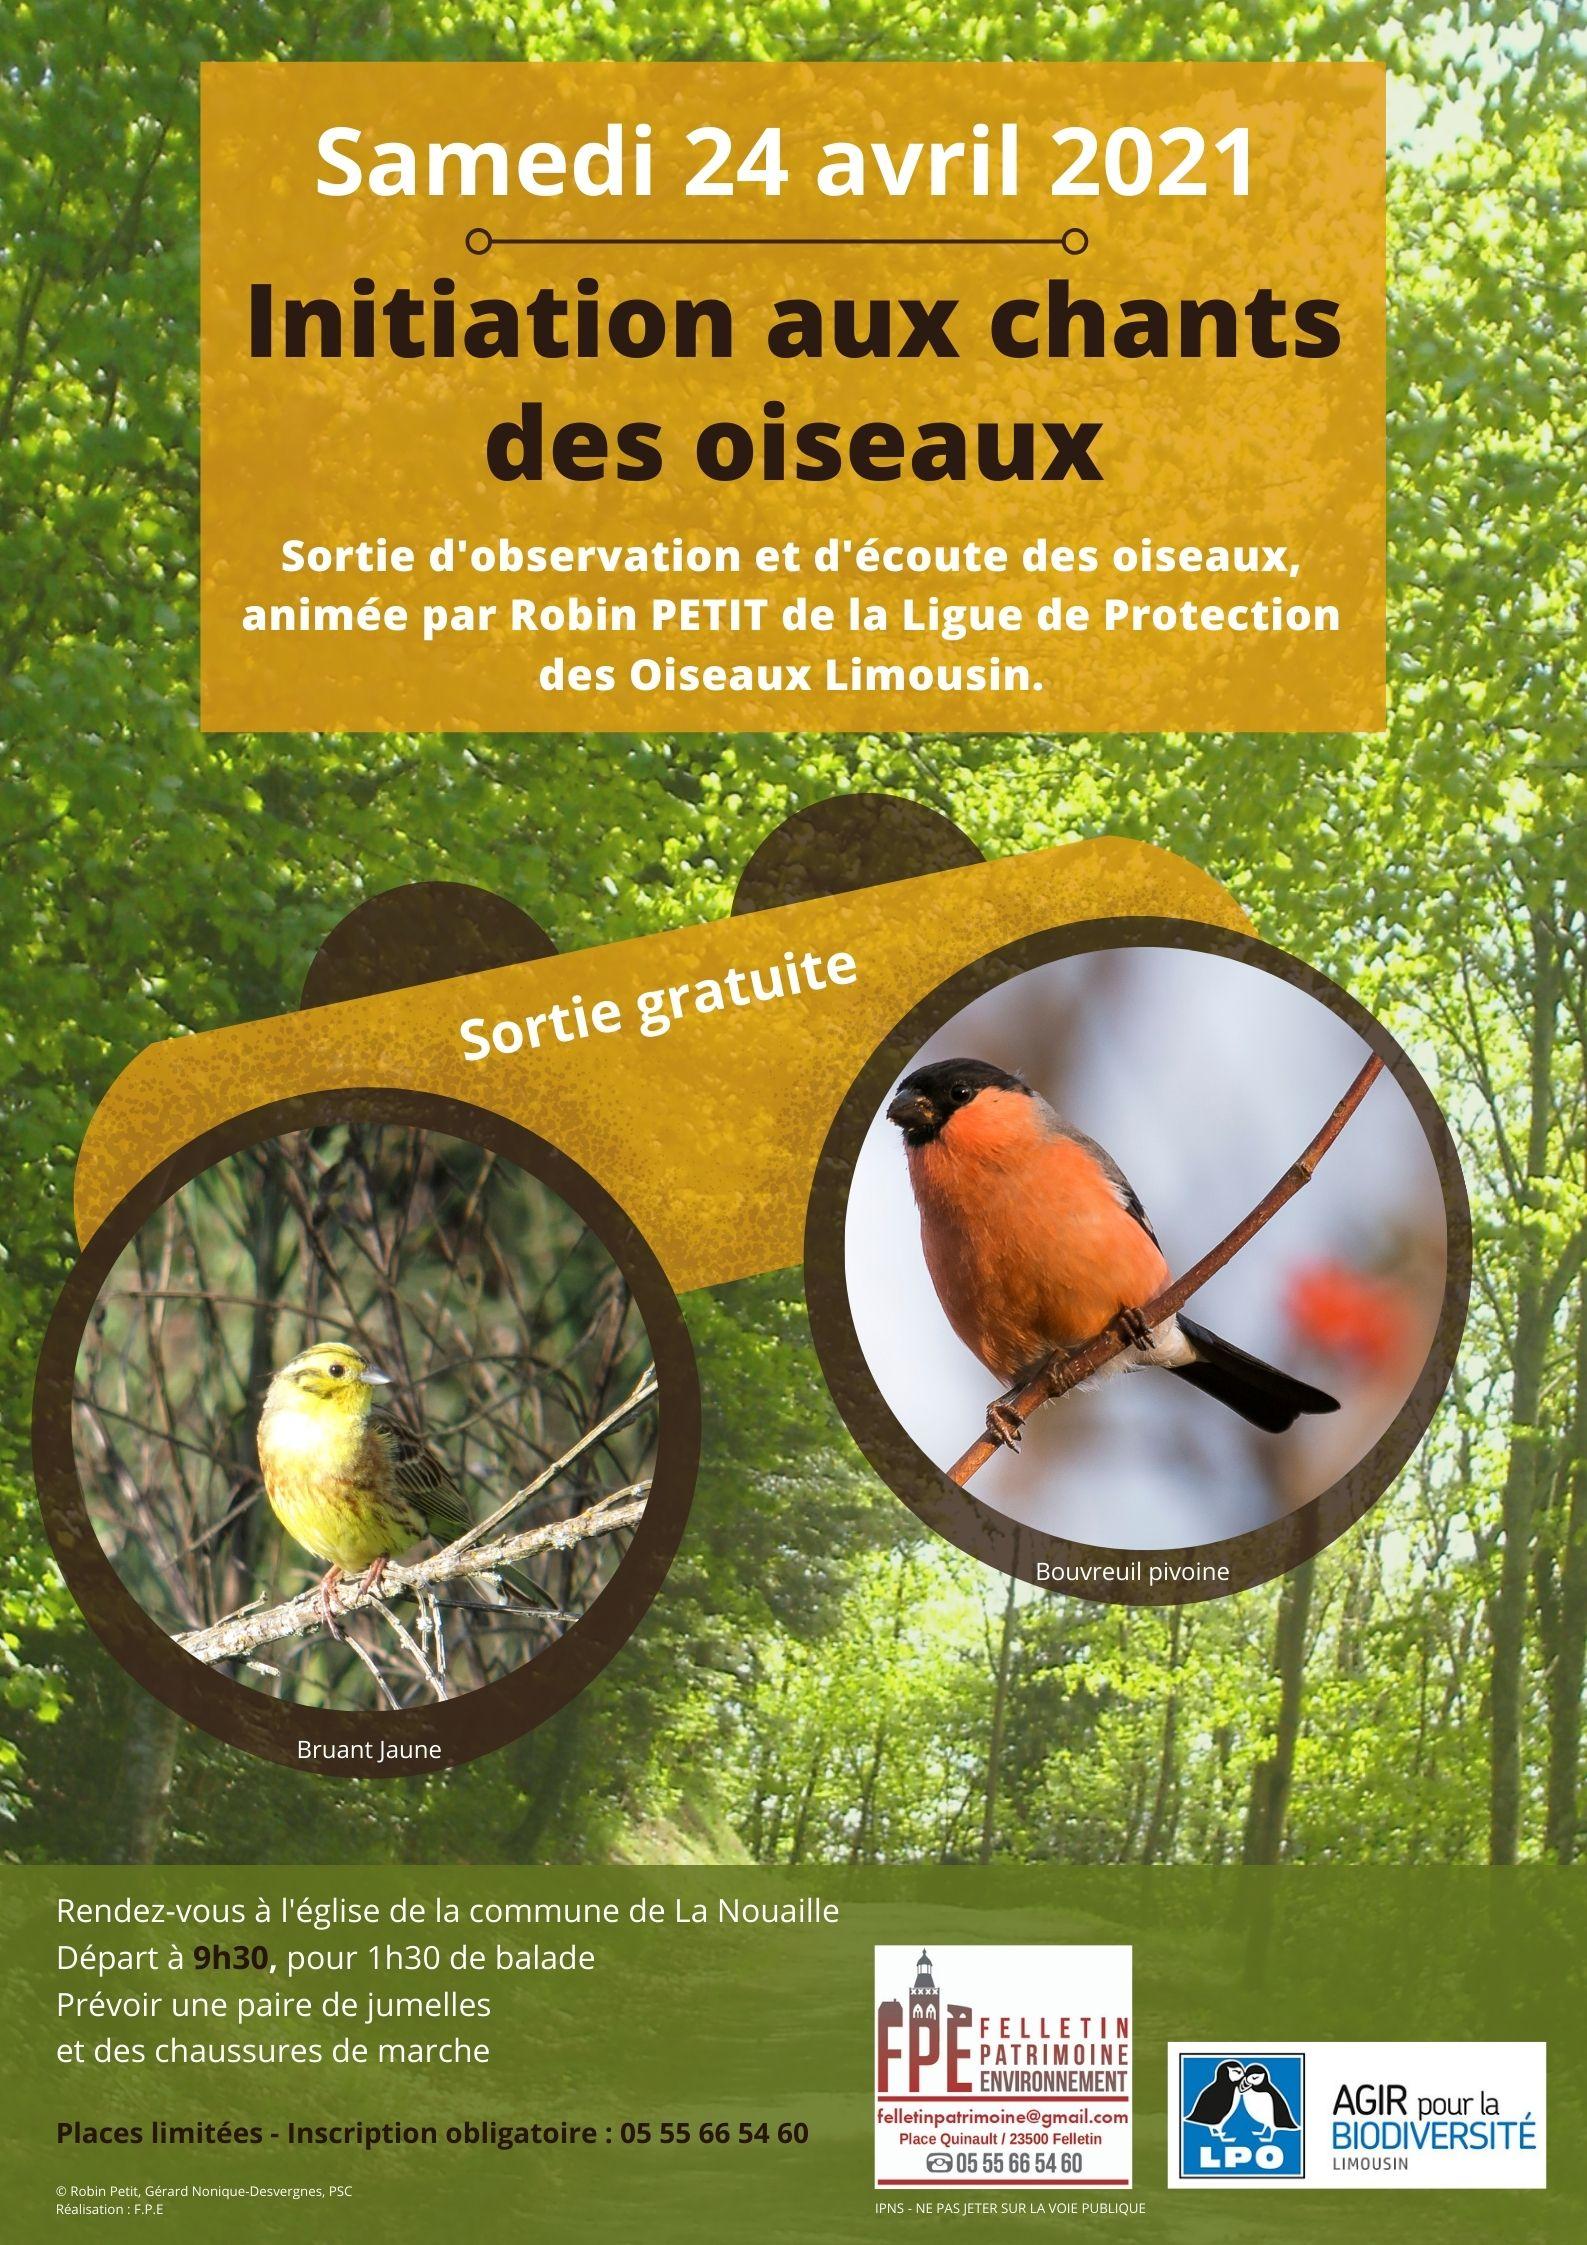 Observation et écoute des oiseaux